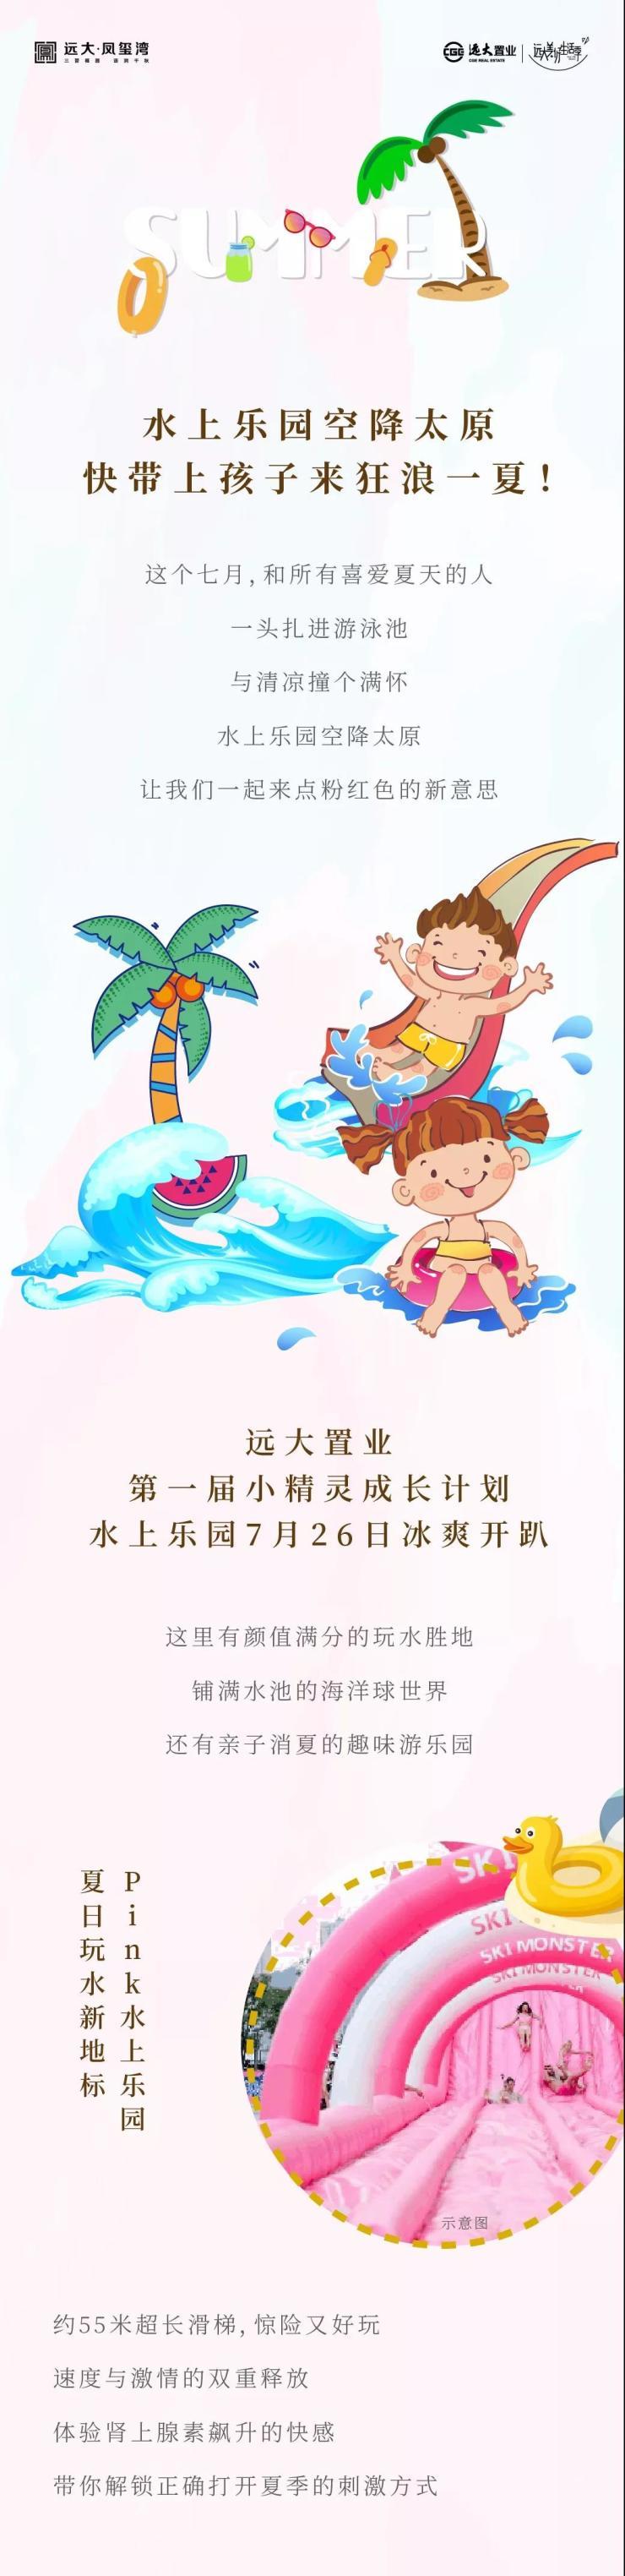 水上乐园空降太原 , 快带上孩子来狂浪一夏 !